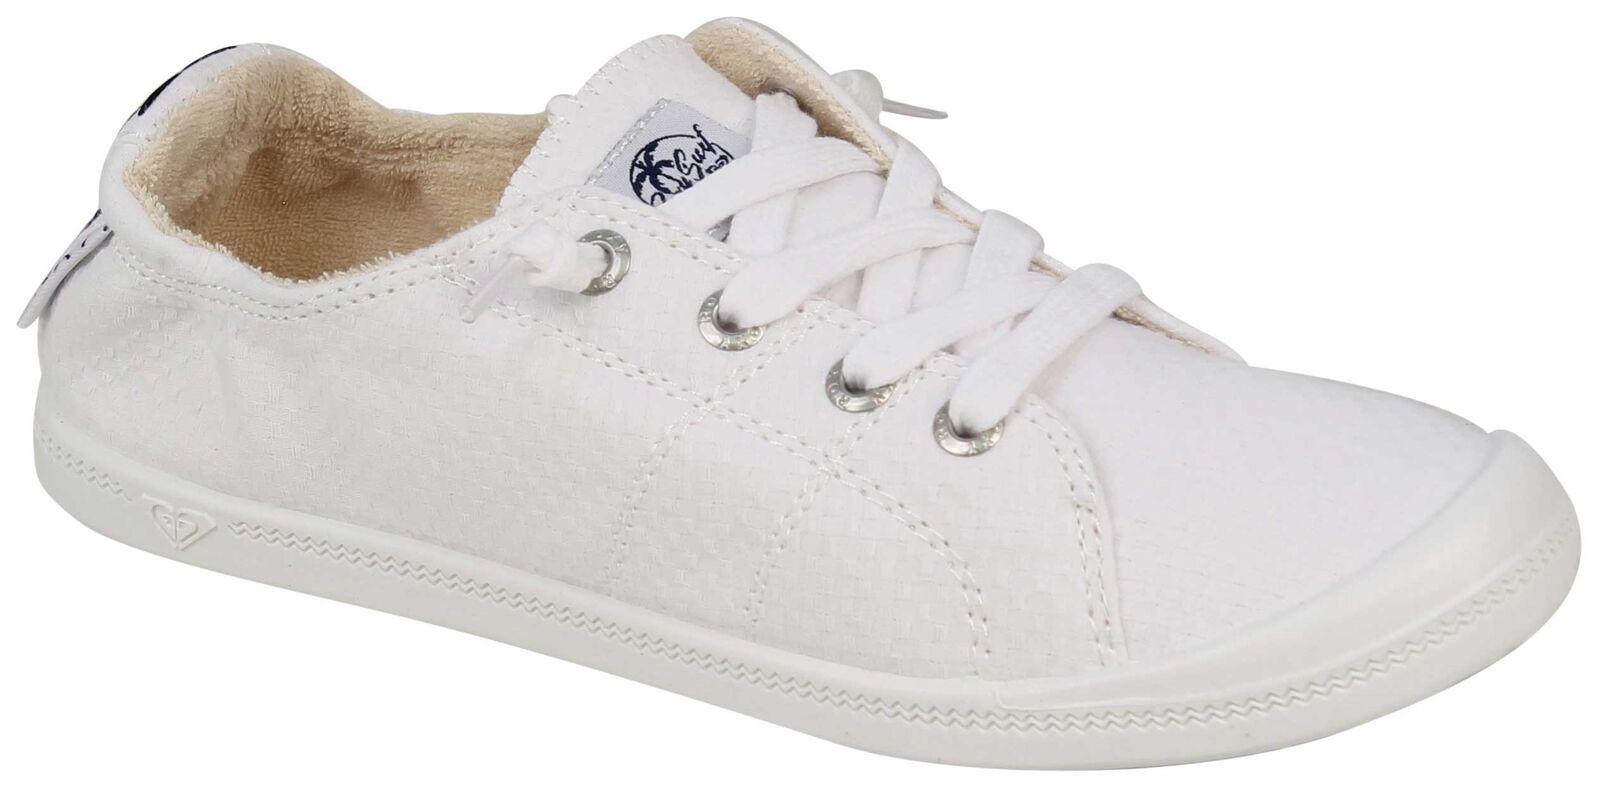 Roxy Bayshore III Shoe -  blanc  - New